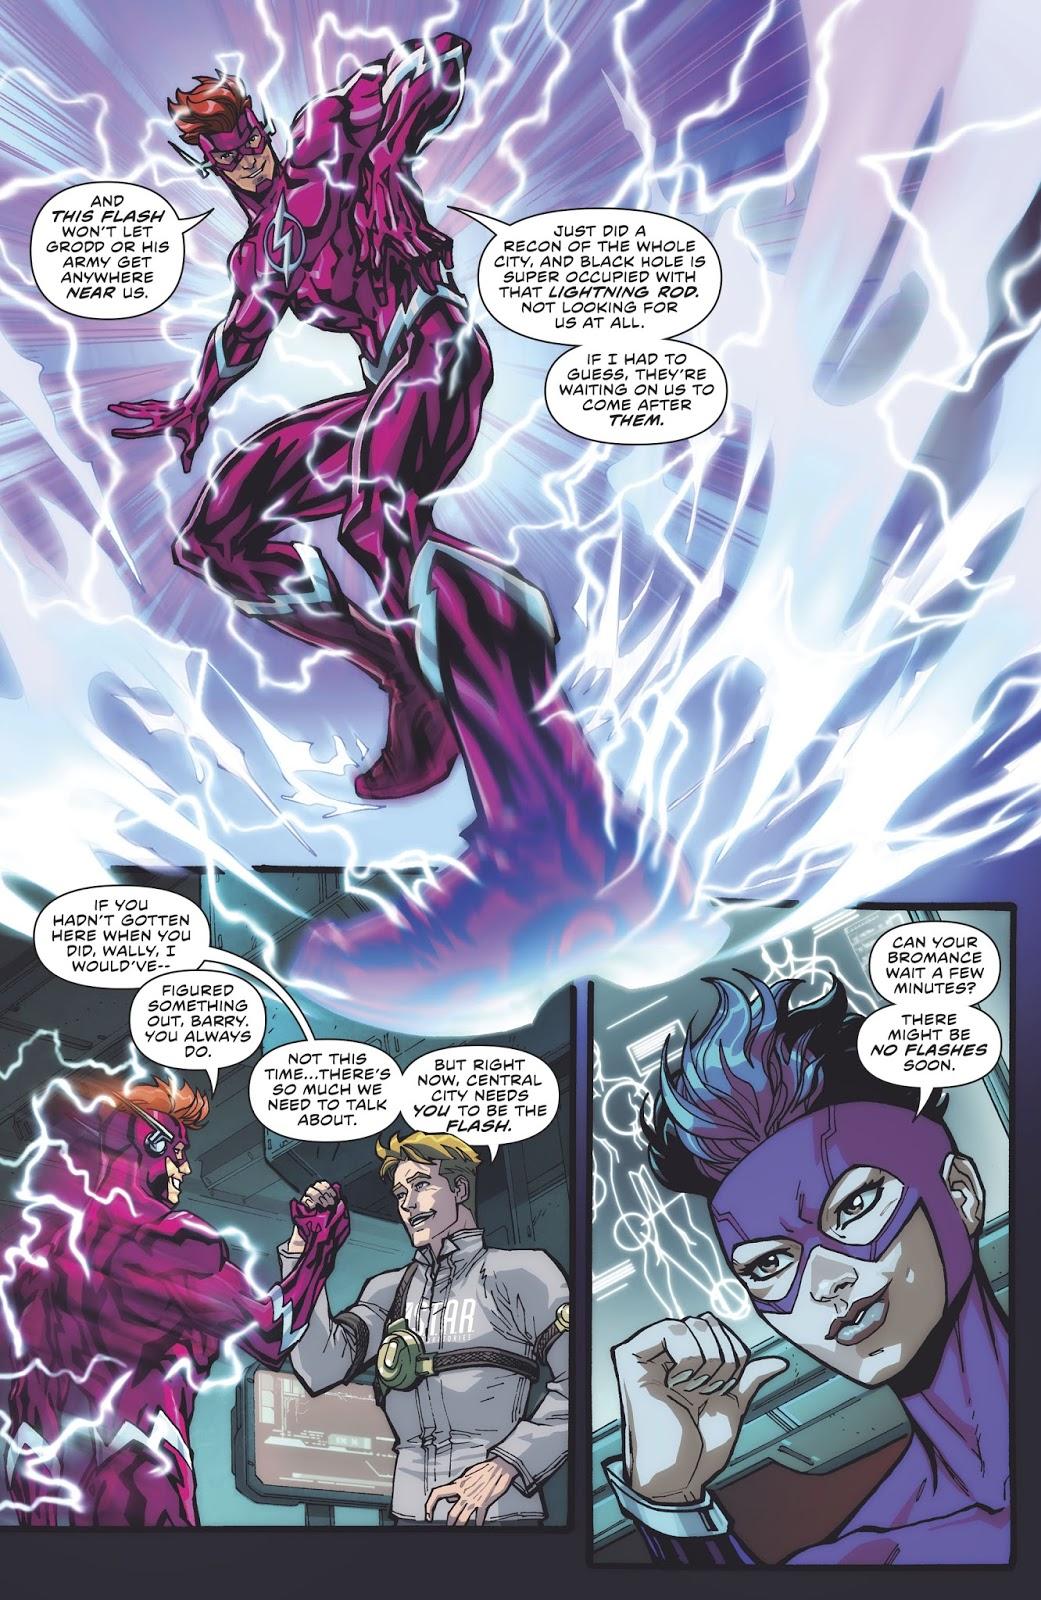 Wally West (The Flash Vol. 5 #41)